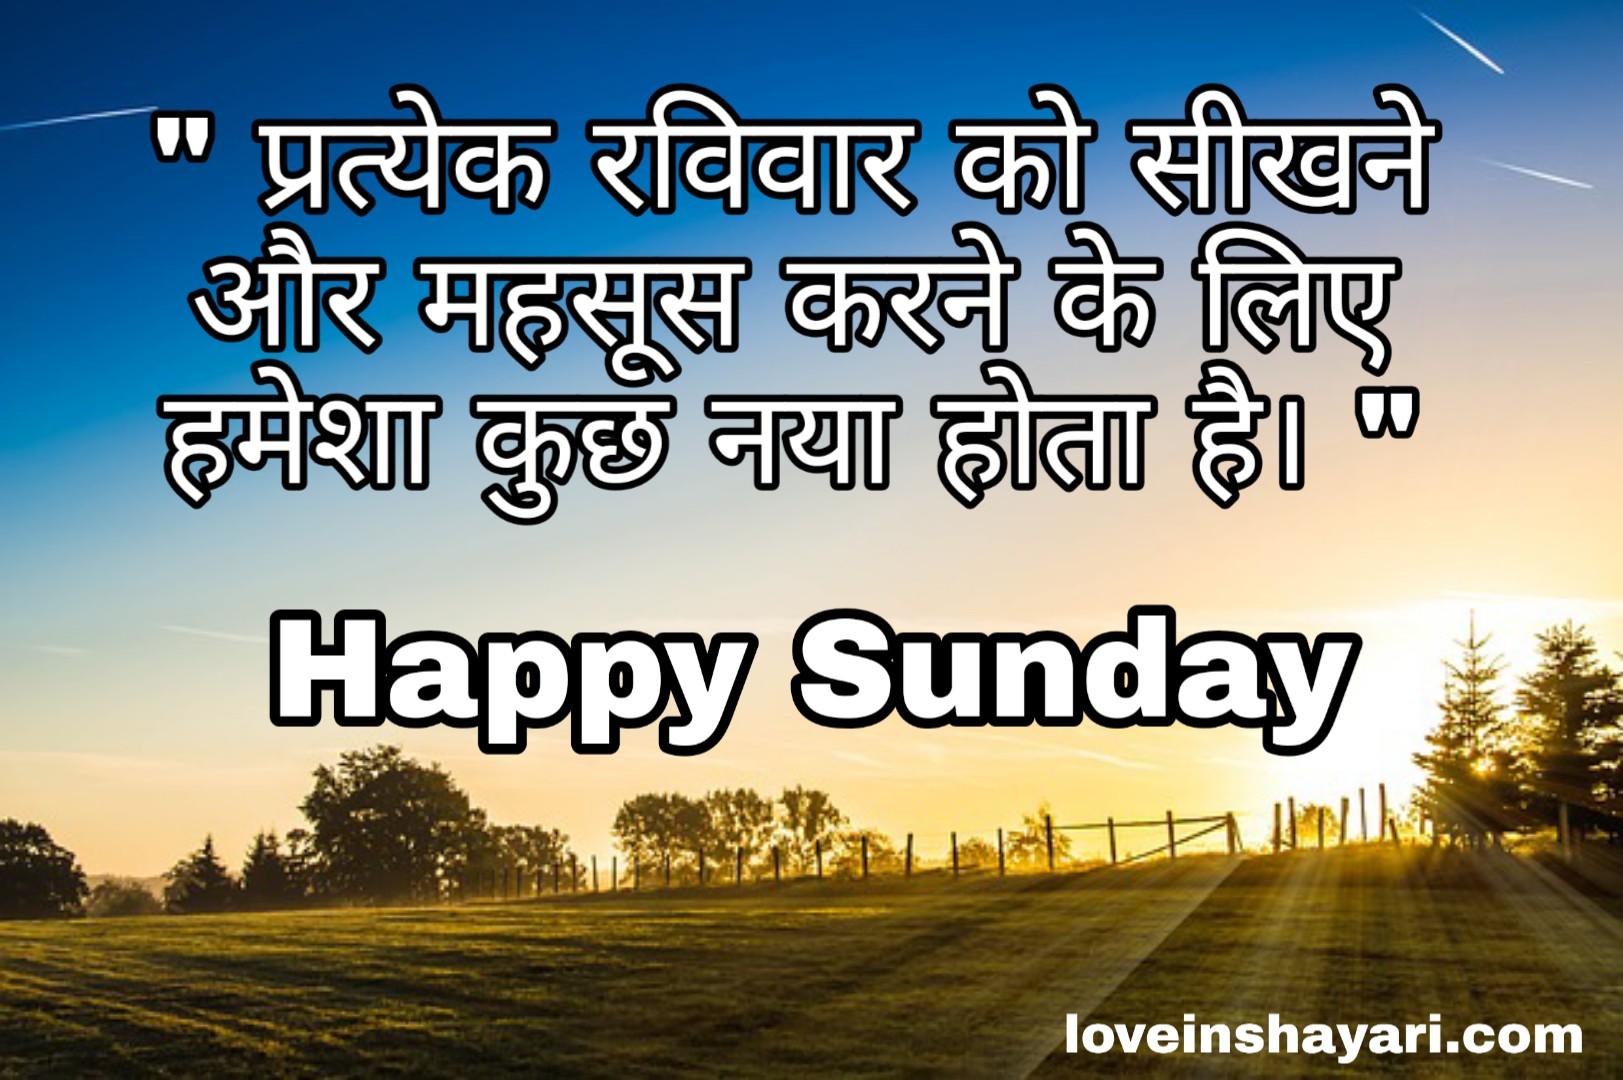 Happy Sunday whatsapp status